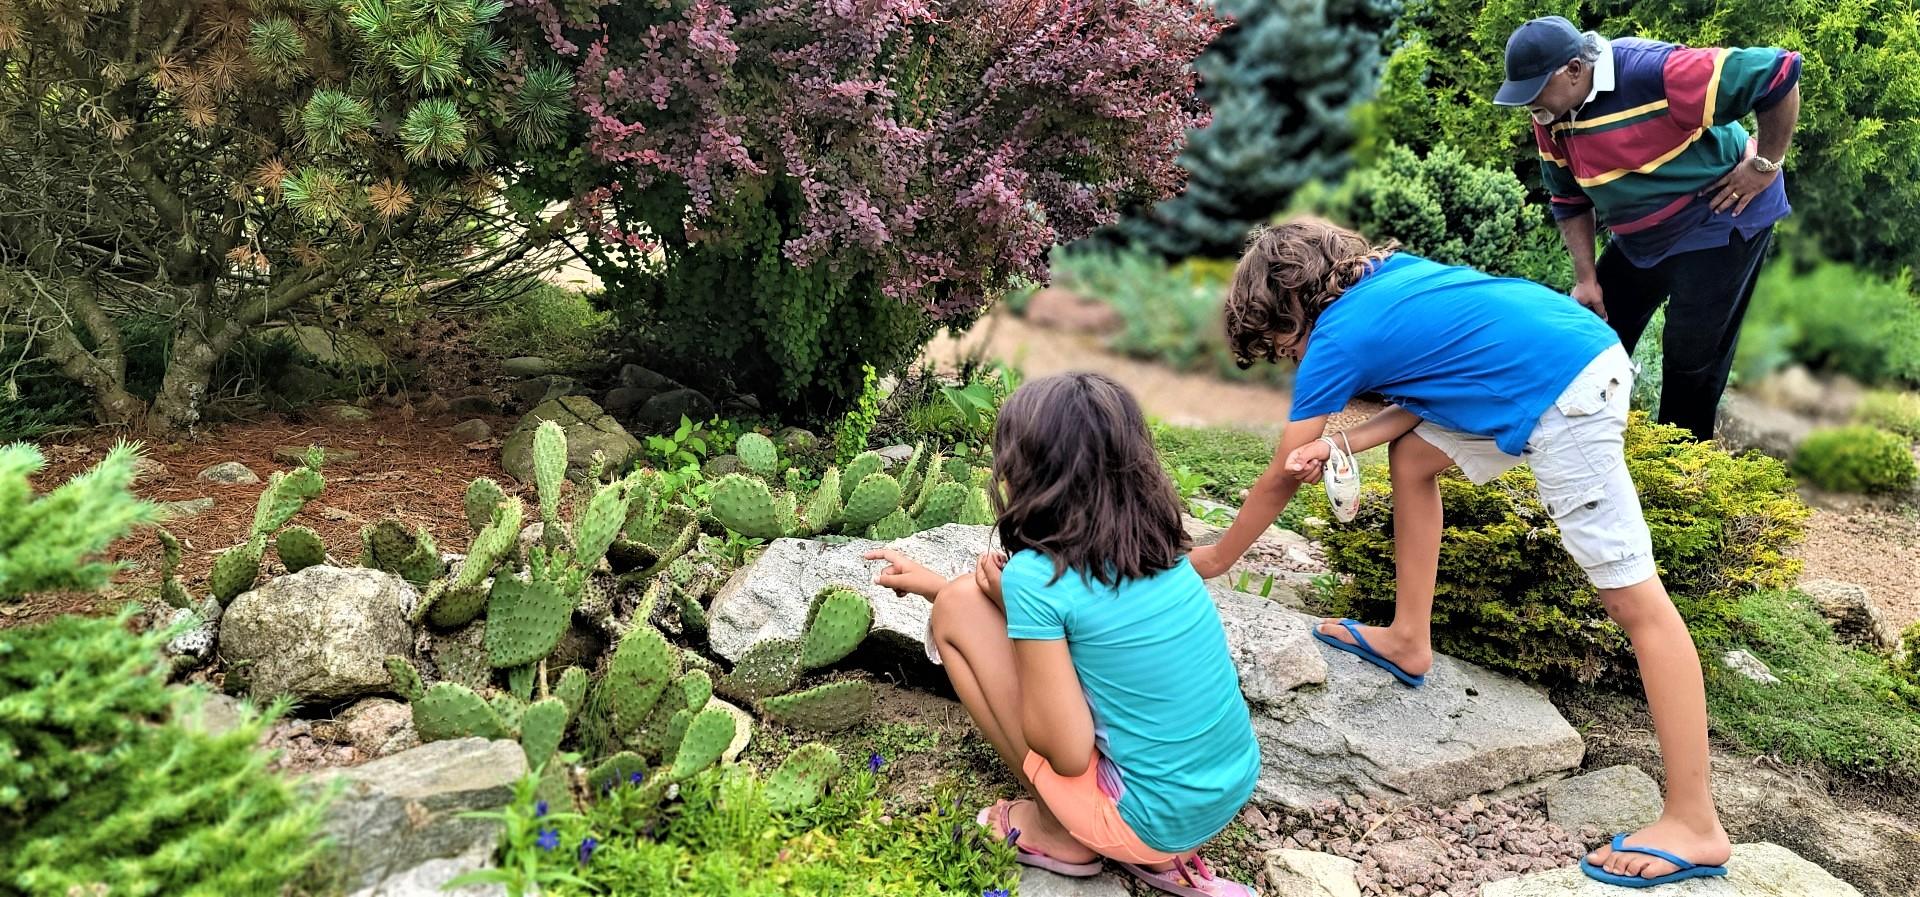 kids looking at cacti